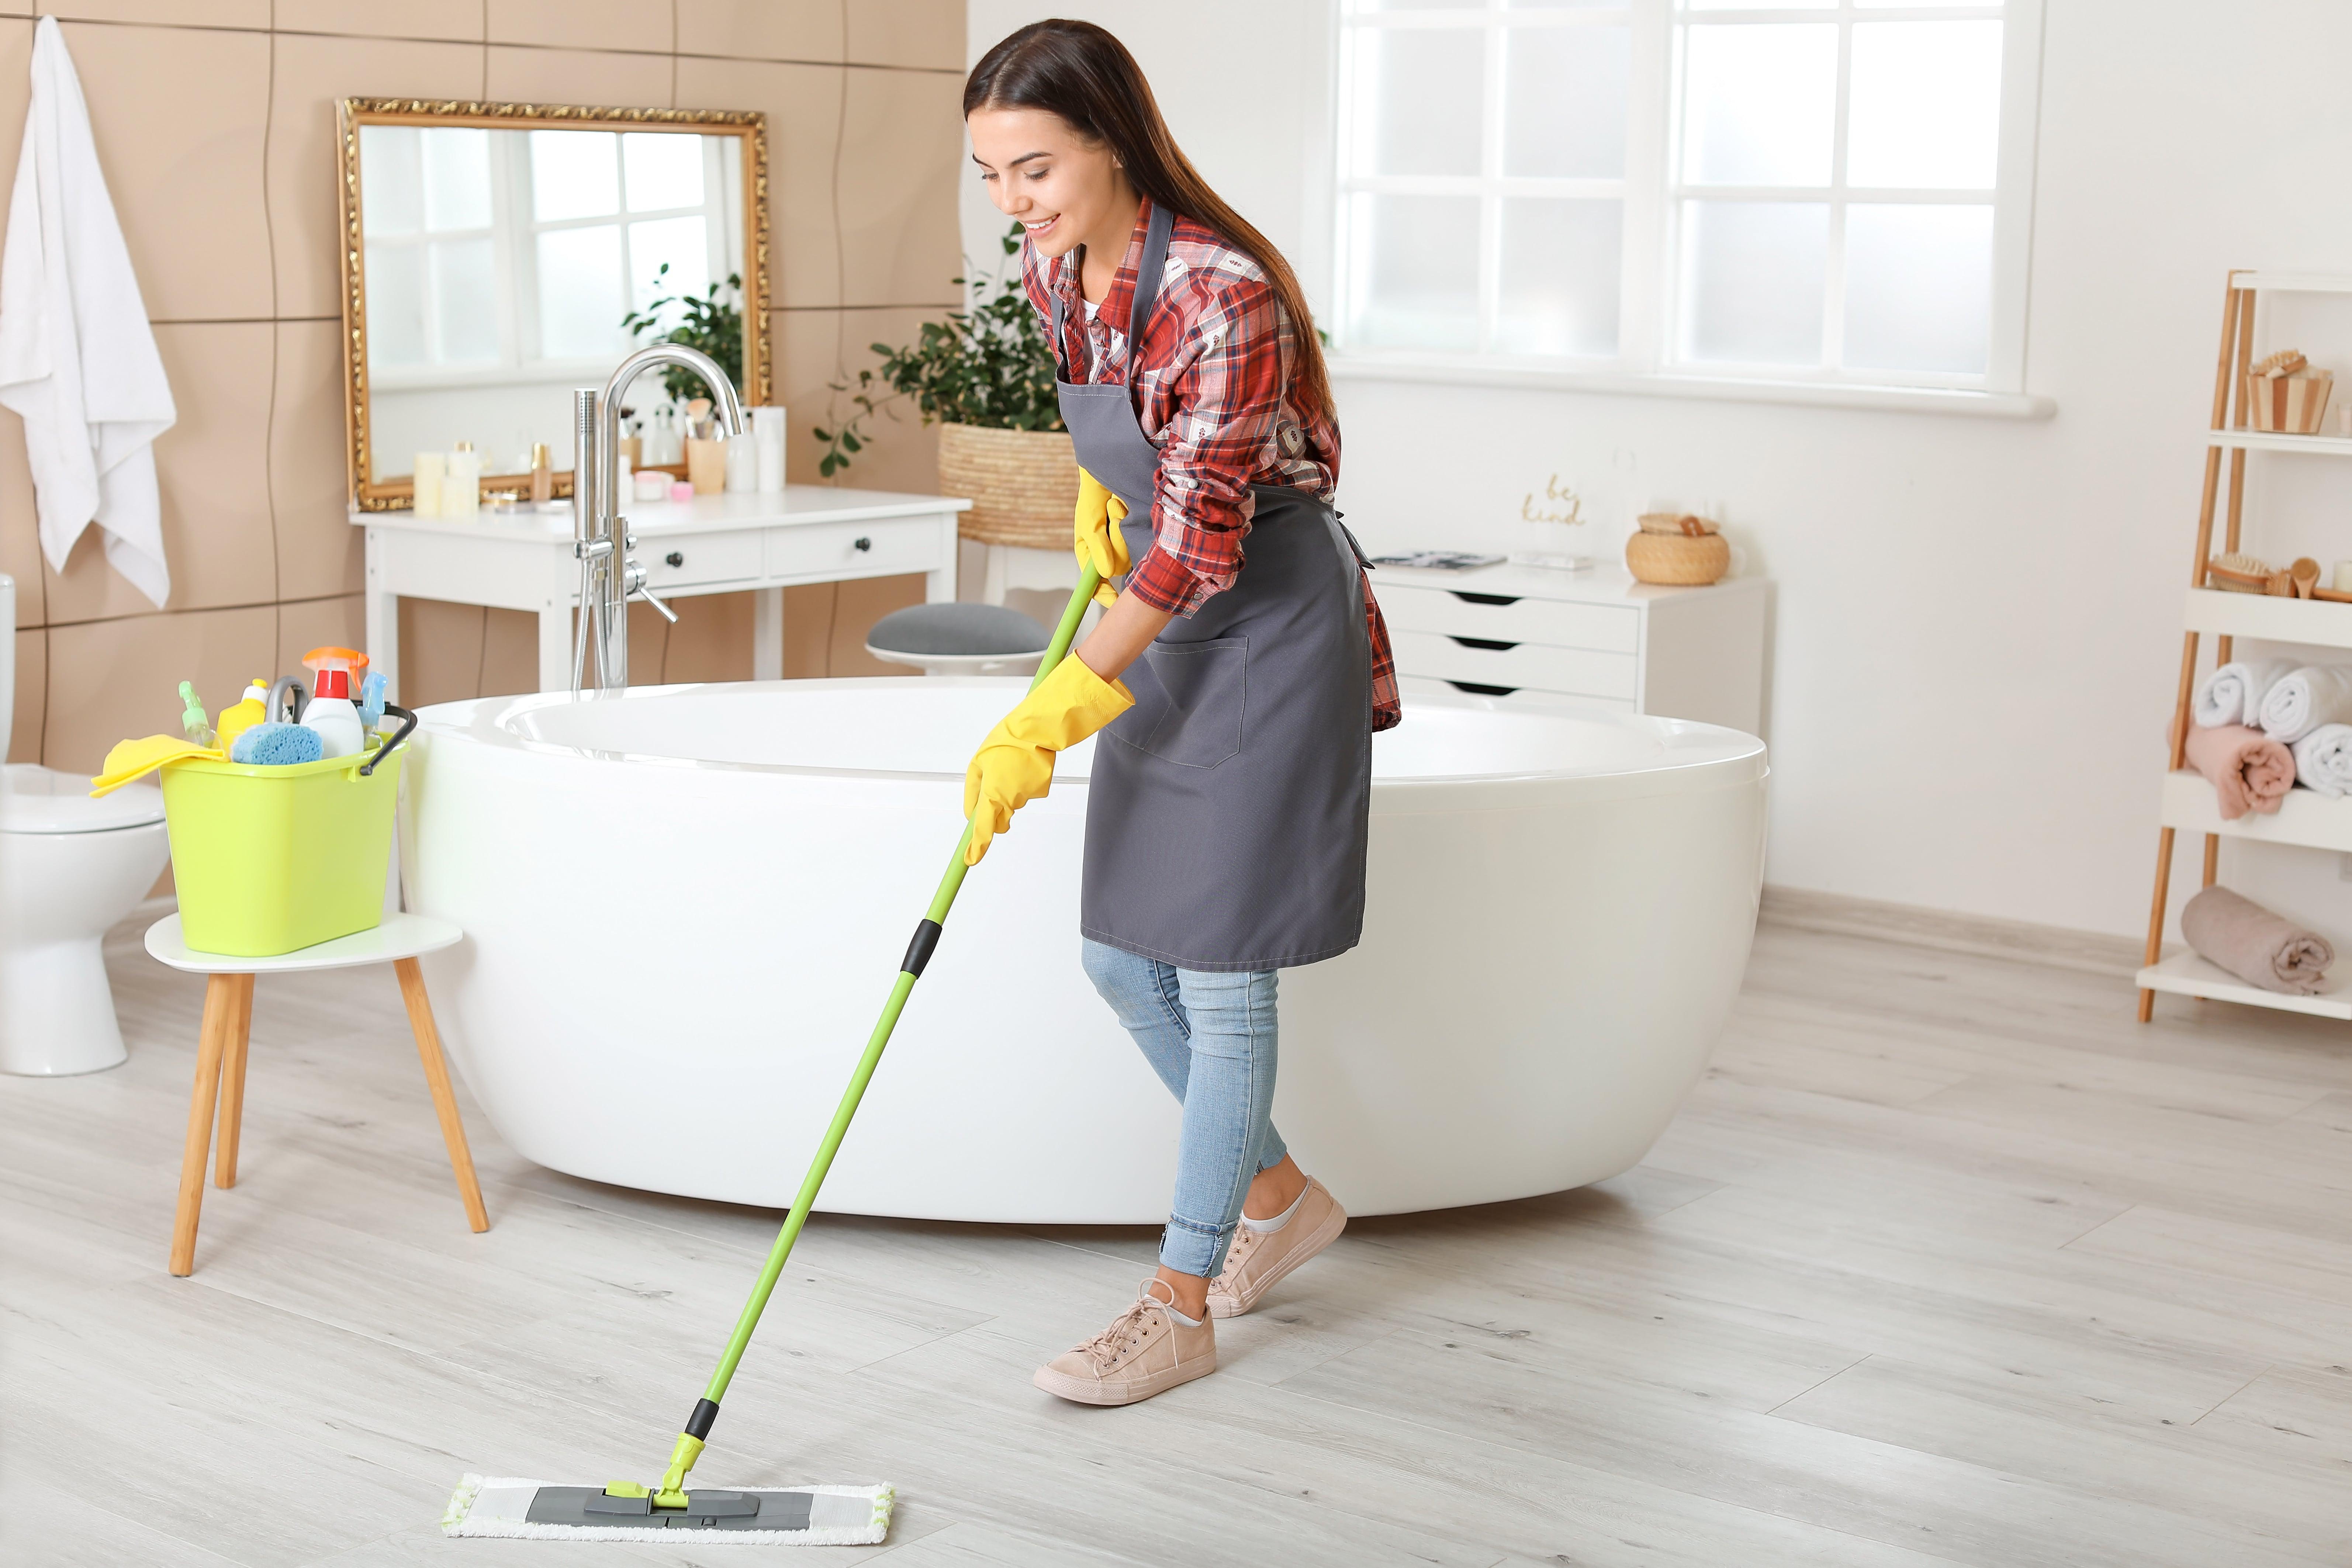 Woman is cleaning bathroom floor